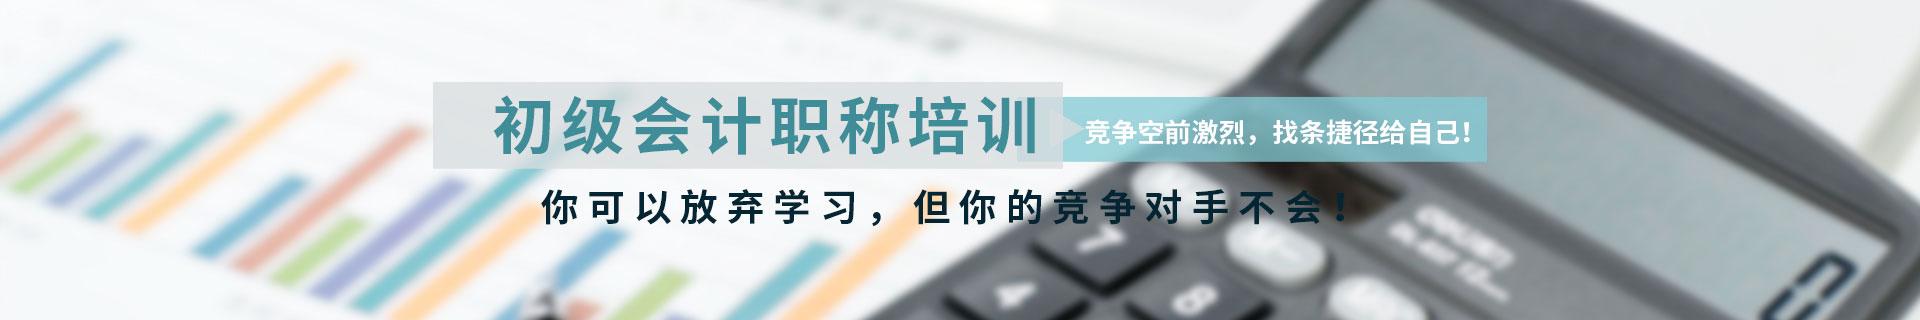 北京西城区高顿财经教育学校